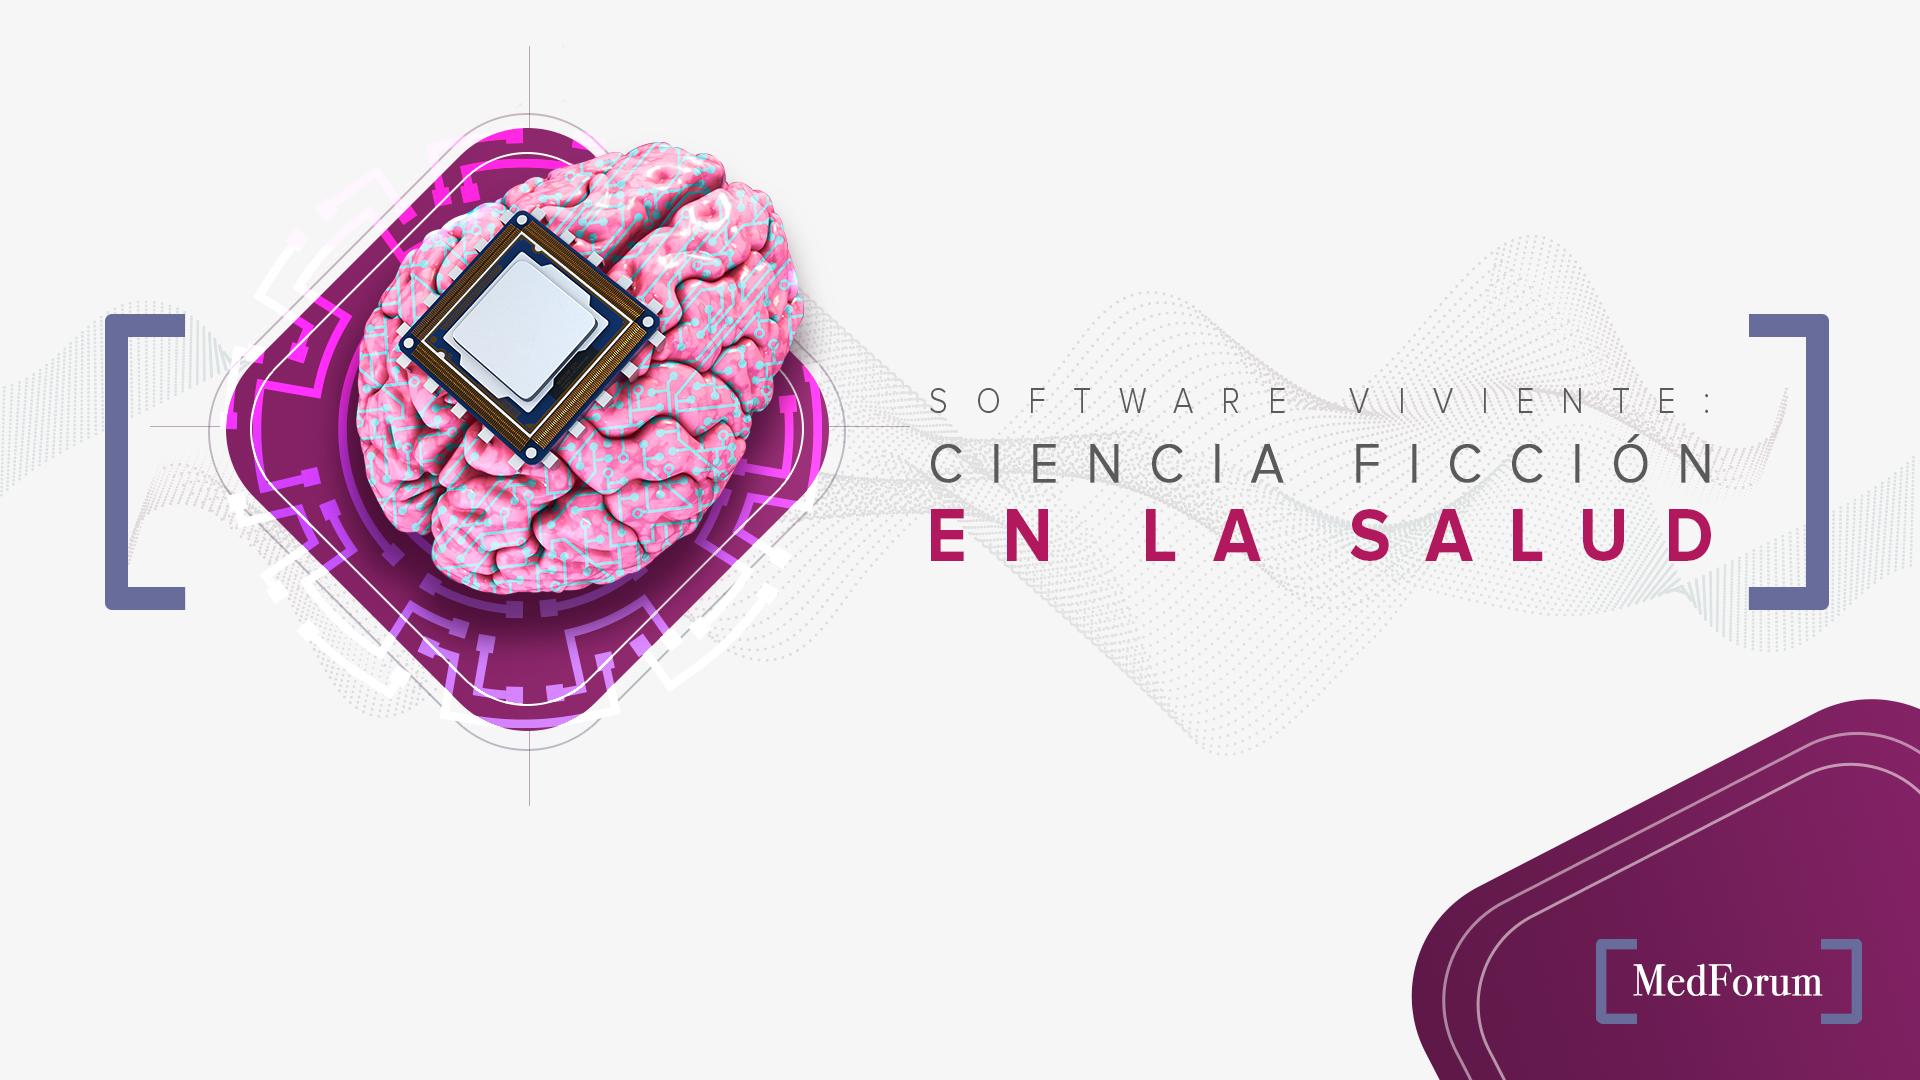 Software viviente Ciencia ficción en la salud